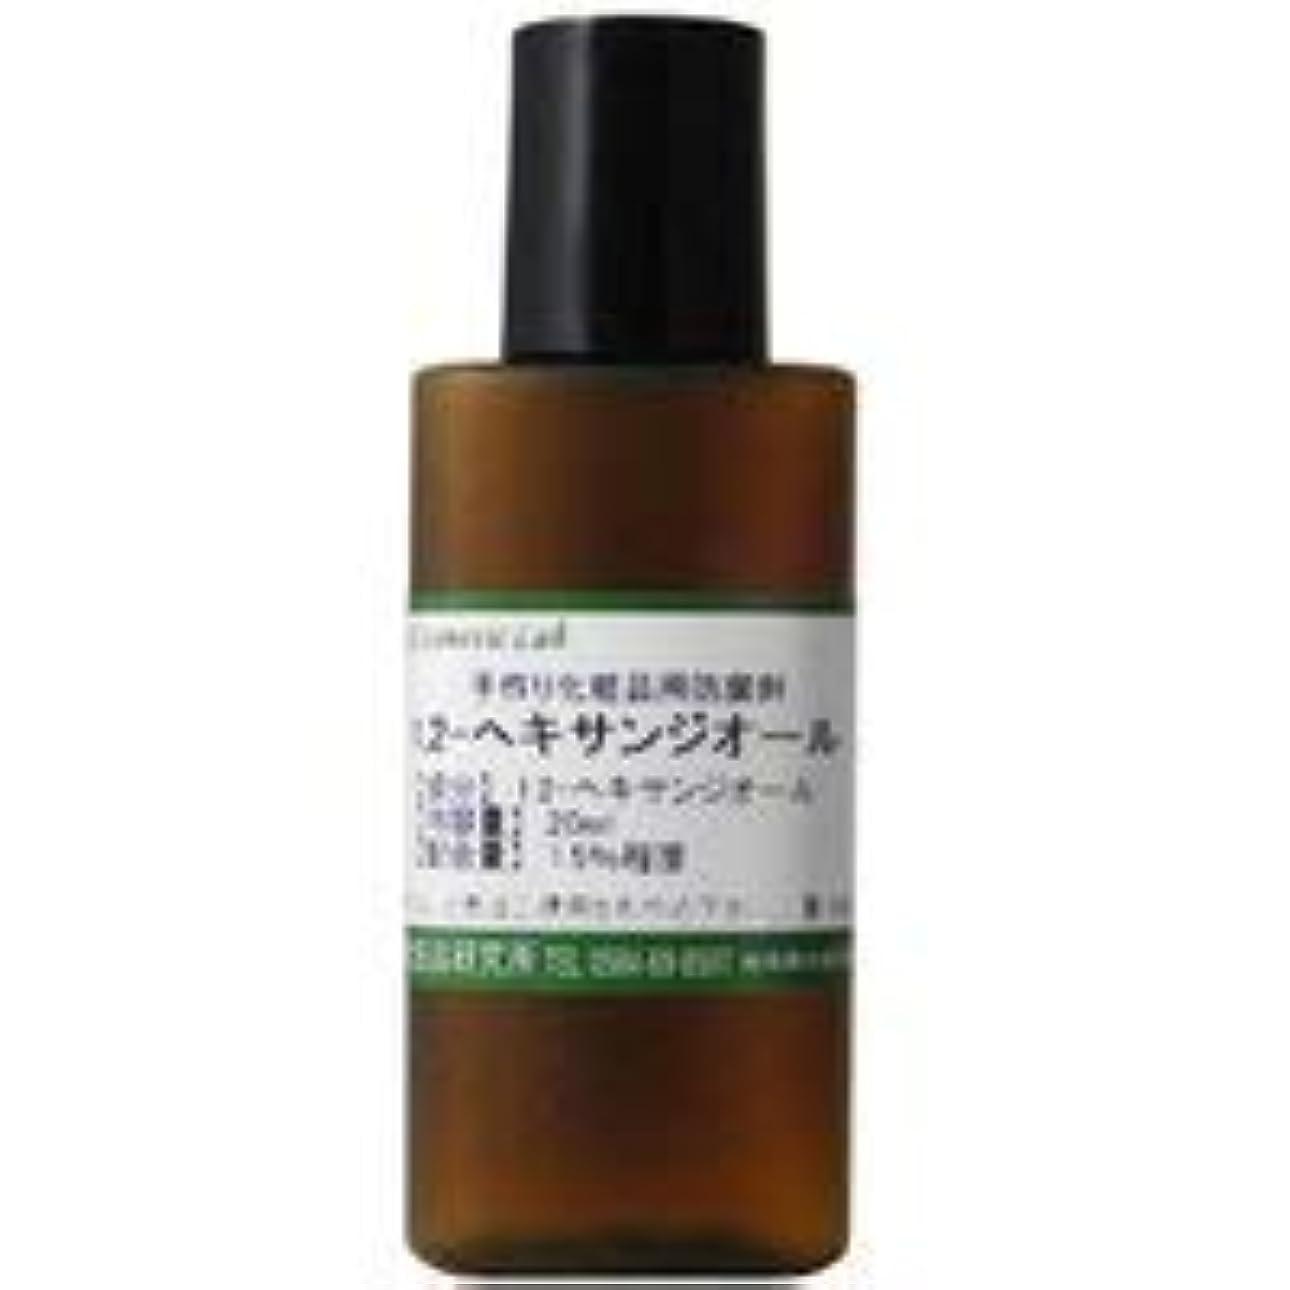 未亡人癌式1,2-ヘキサンジオール 20ml 【手作り化粧品材料】